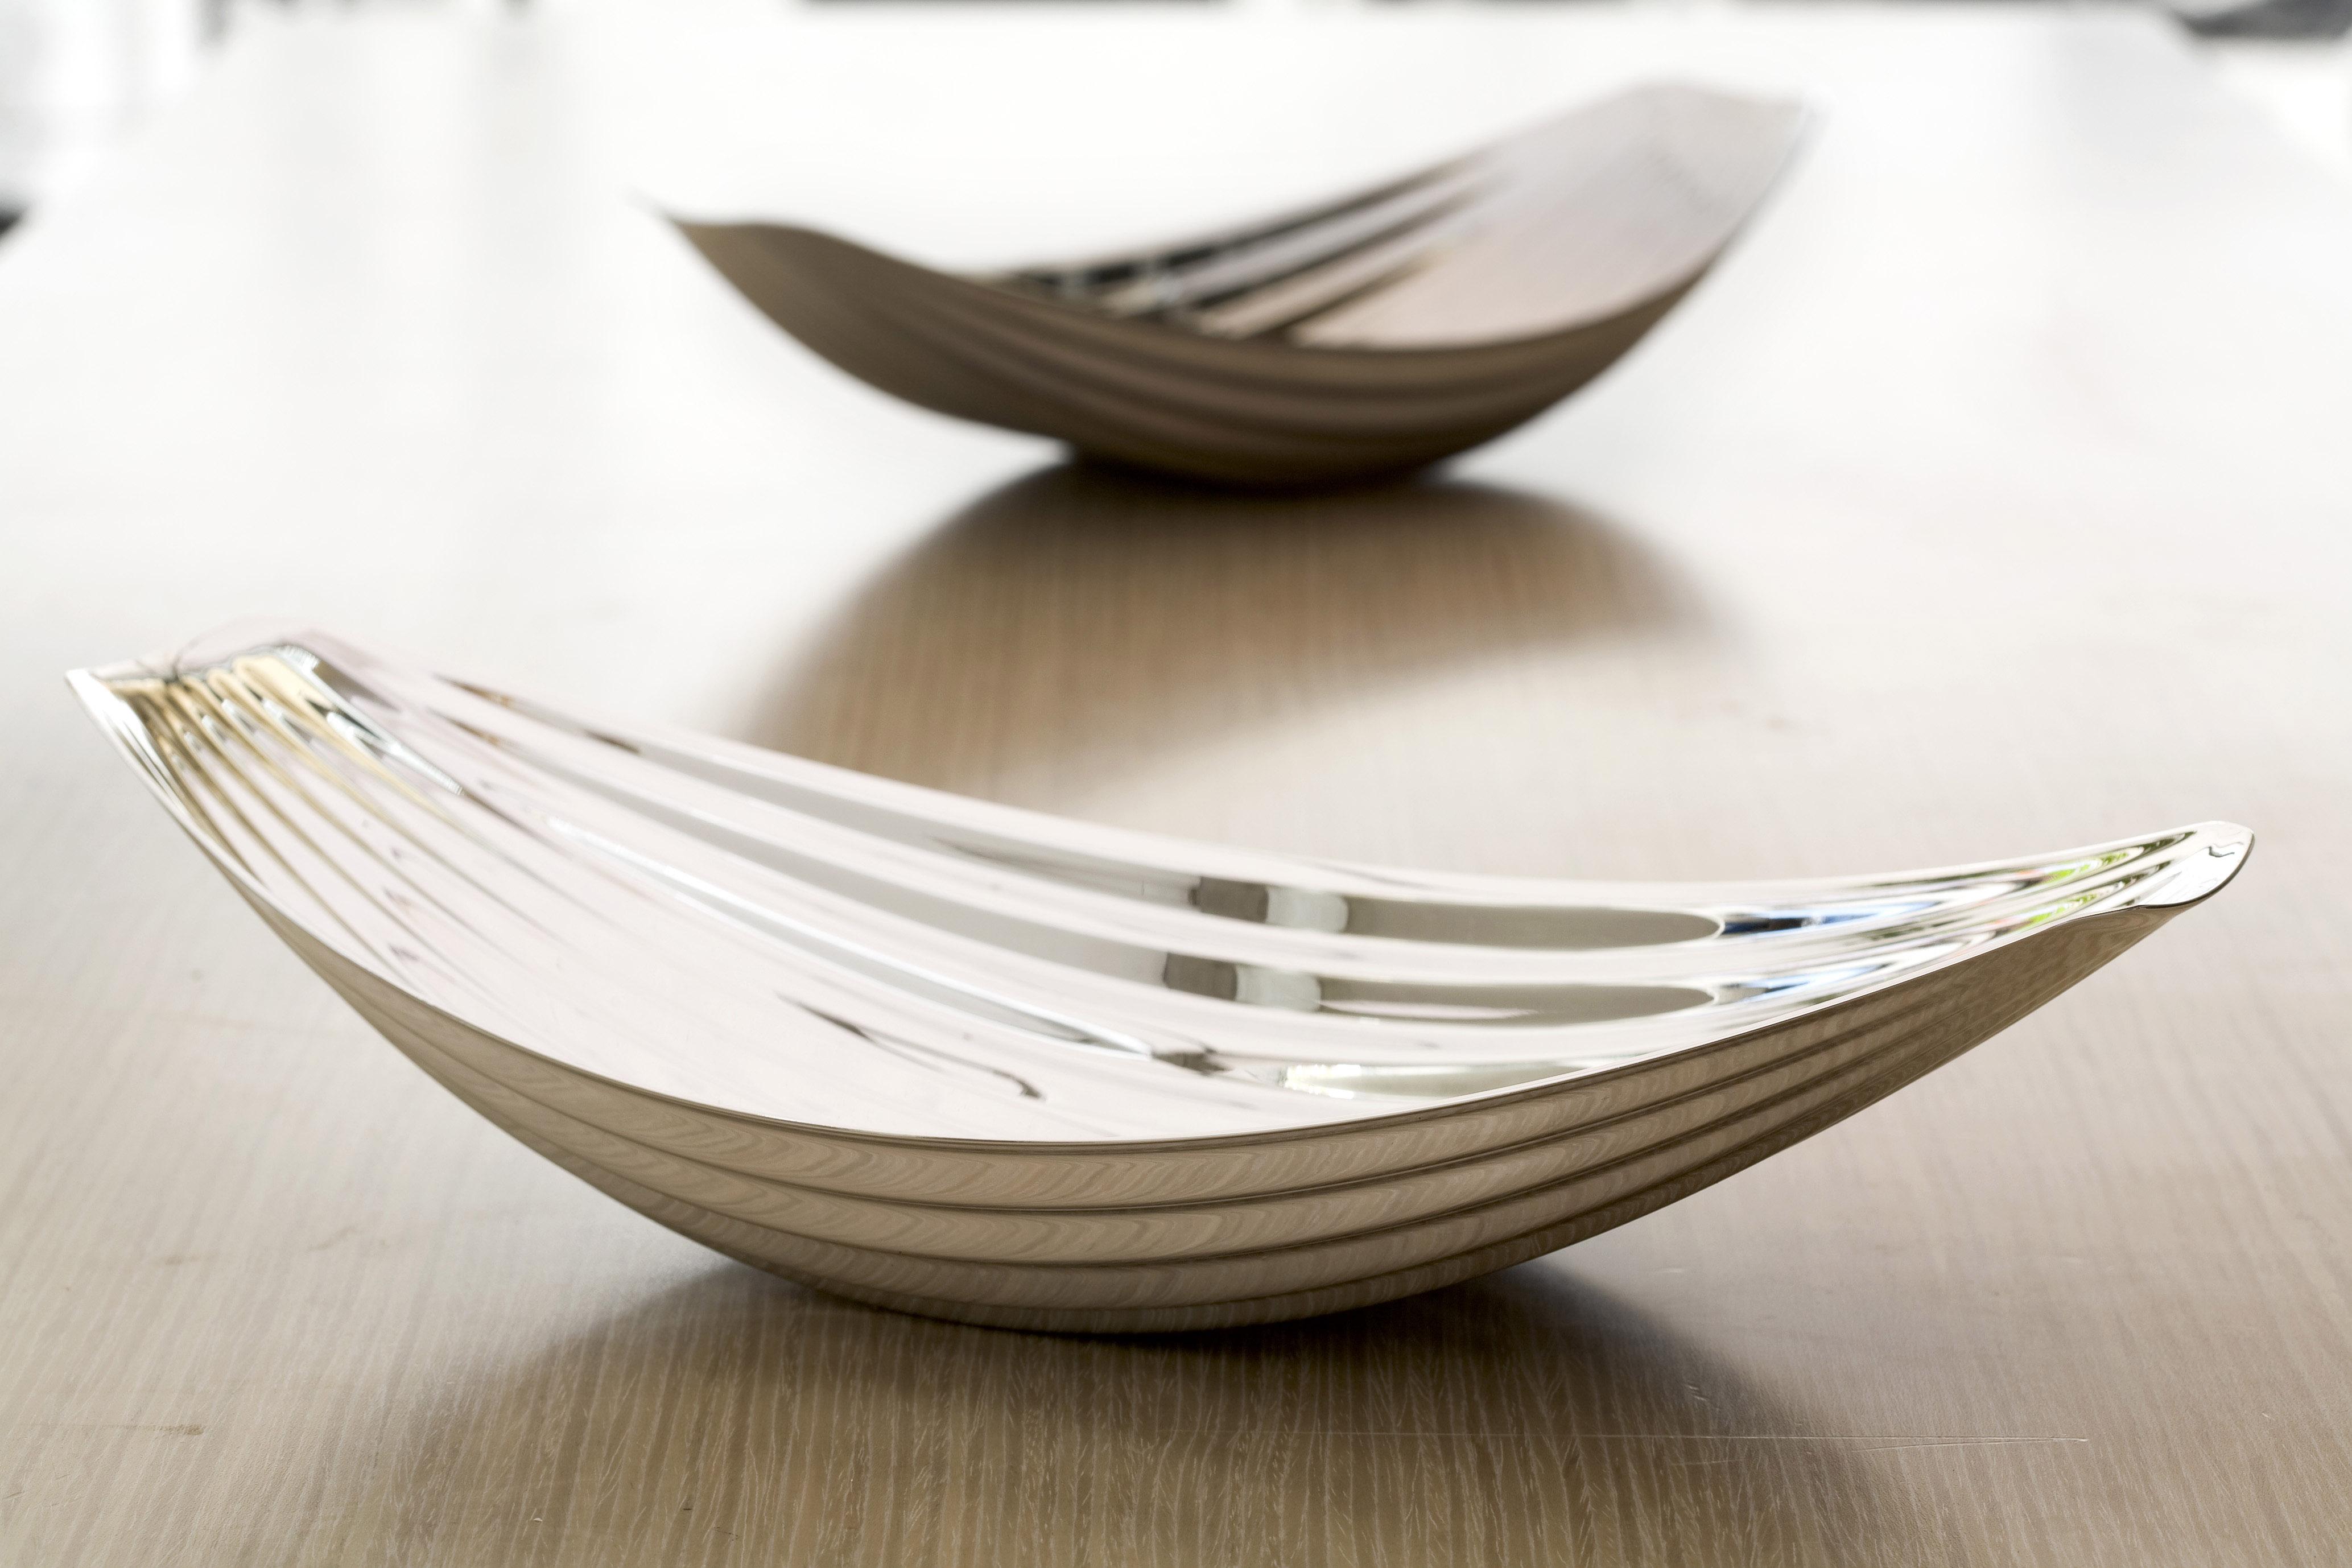 Plate 炸物盘   台湾生活美学品牌